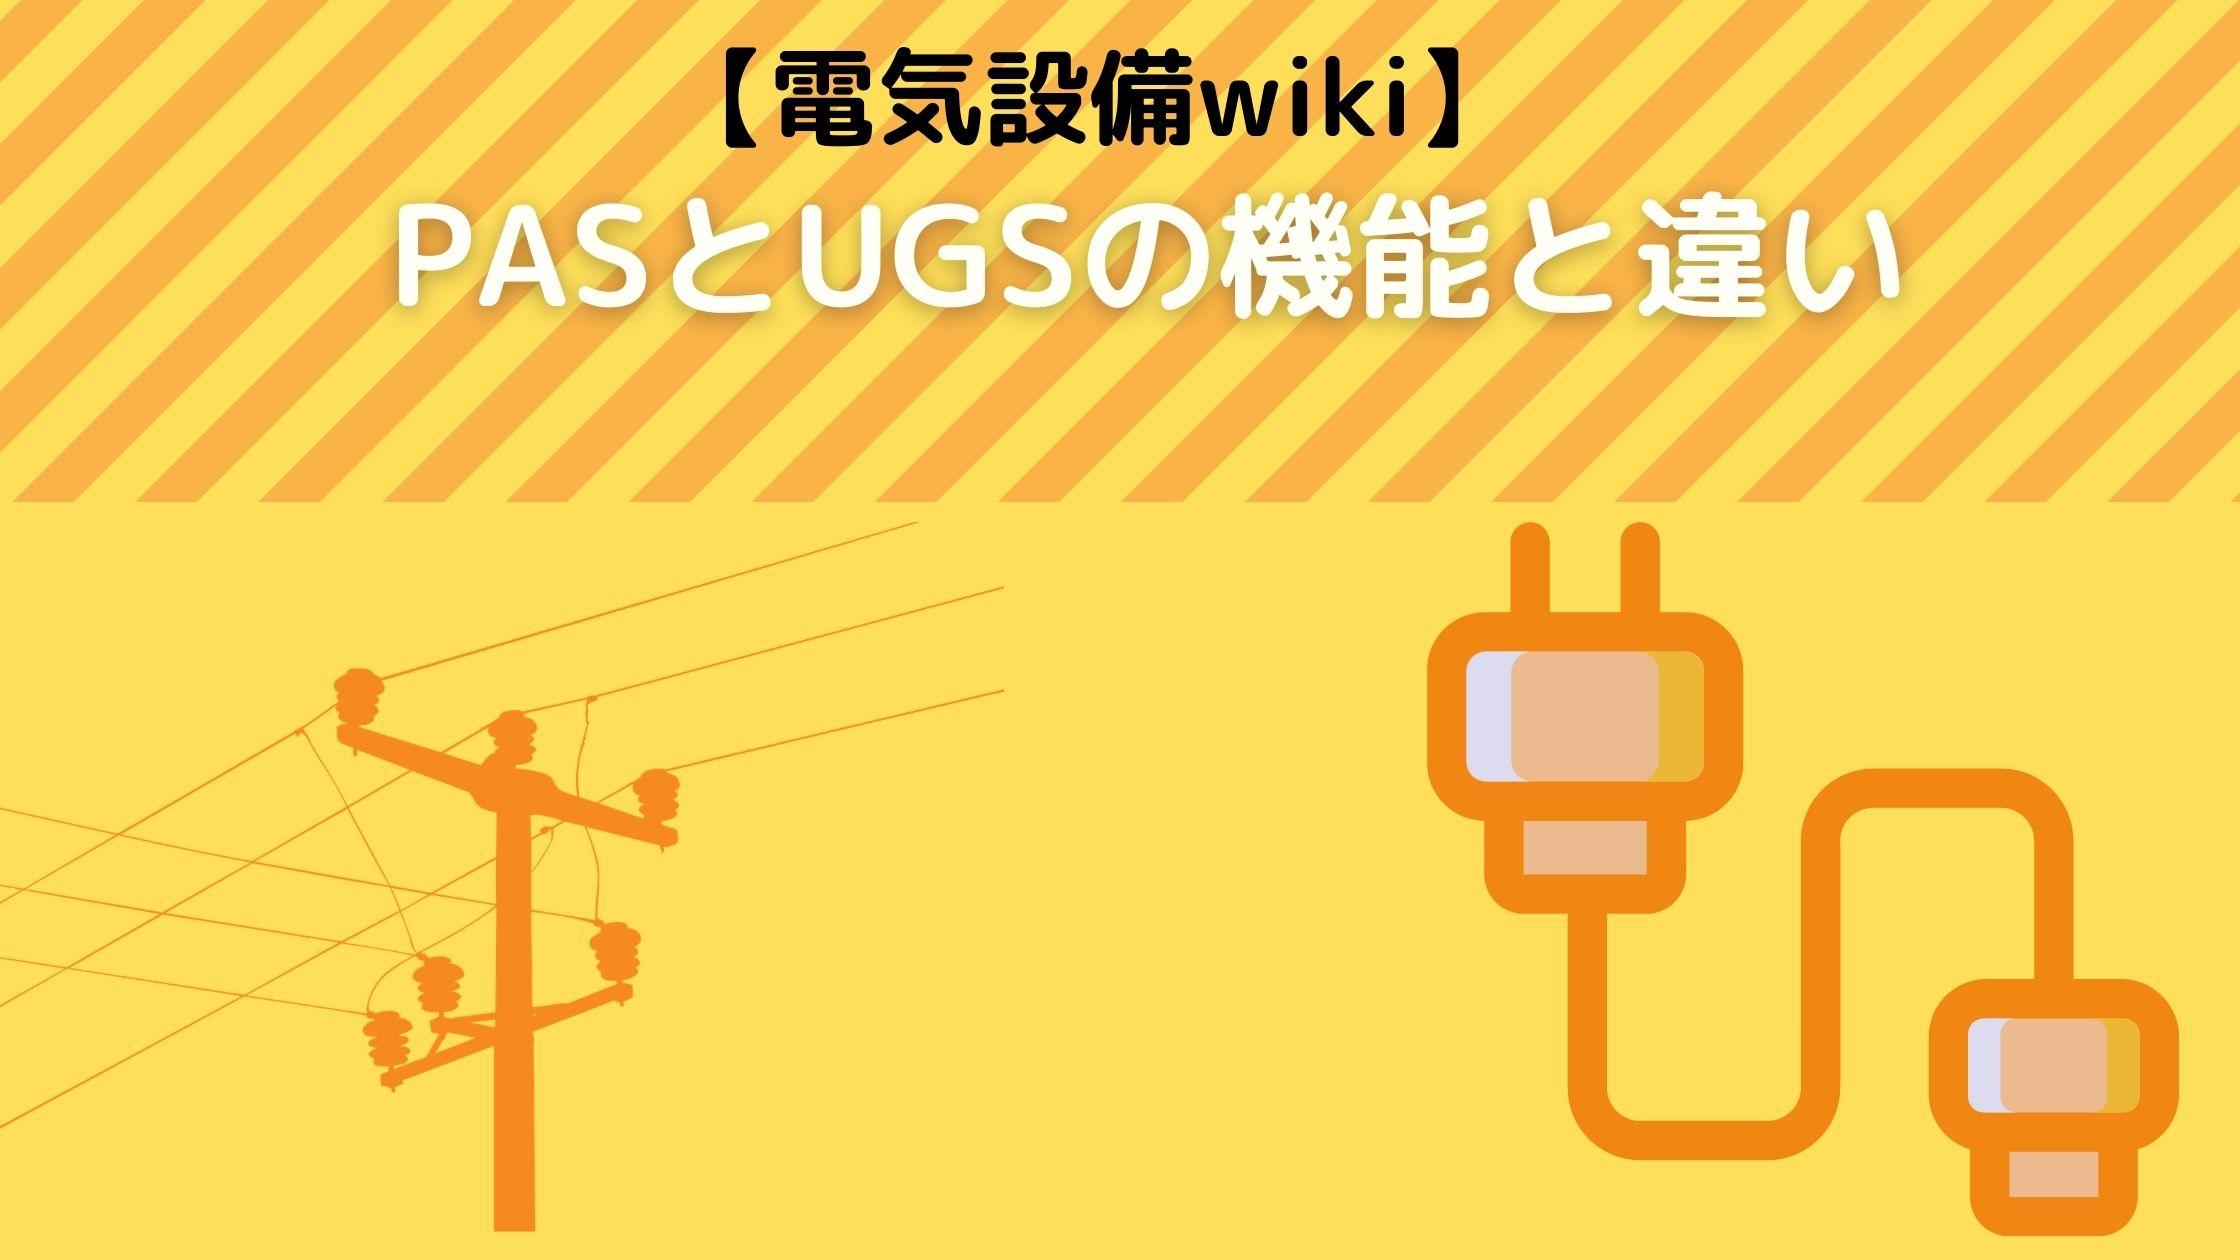 【電気設備wiki】PASとUGSの機能と違い